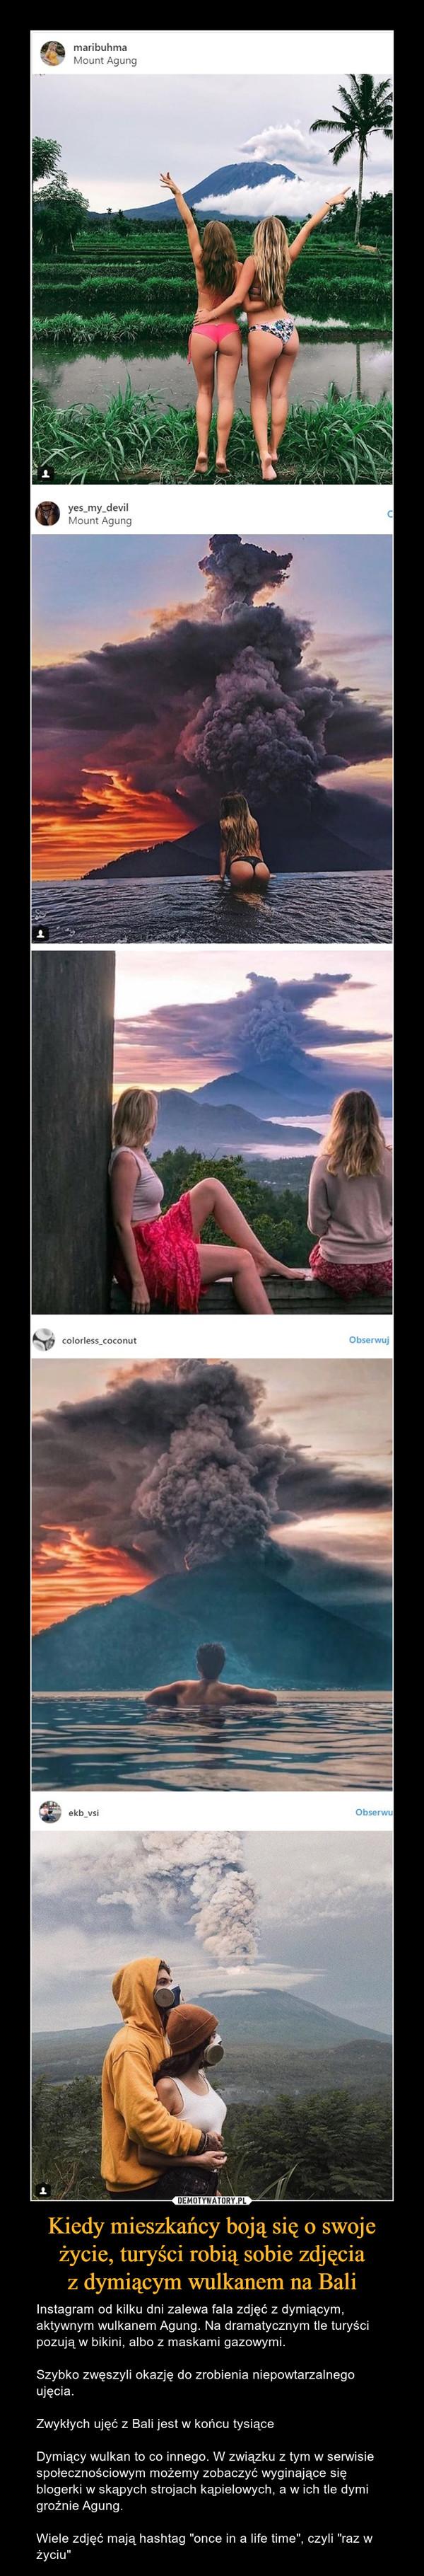 """Kiedy mieszkańcy boją się o swoje życie, turyści robią sobie zdjęciaz dymiącym wulkanem na Bali – Instagram od kilku dni zalewa fala zdjęć z dymiącym, aktywnym wulkanem Agung. Na dramatycznym tle turyści pozują w bikini, albo z maskami gazowymi.Szybko zwęszyli okazję do zrobienia niepowtarzalnego ujęcia.Zwykłych ujęć z Bali jest w końcu tysiąceDymiący wulkan to co innego. W związku z tym w serwisie społecznościowym możemy zobaczyć wyginające się blogerki w skąpych strojach kąpielowych, a w ich tle dymi groźnie Agung. Wiele zdjęć mają hashtag """"once in a life time"""", czyli """"raz w życiu"""""""